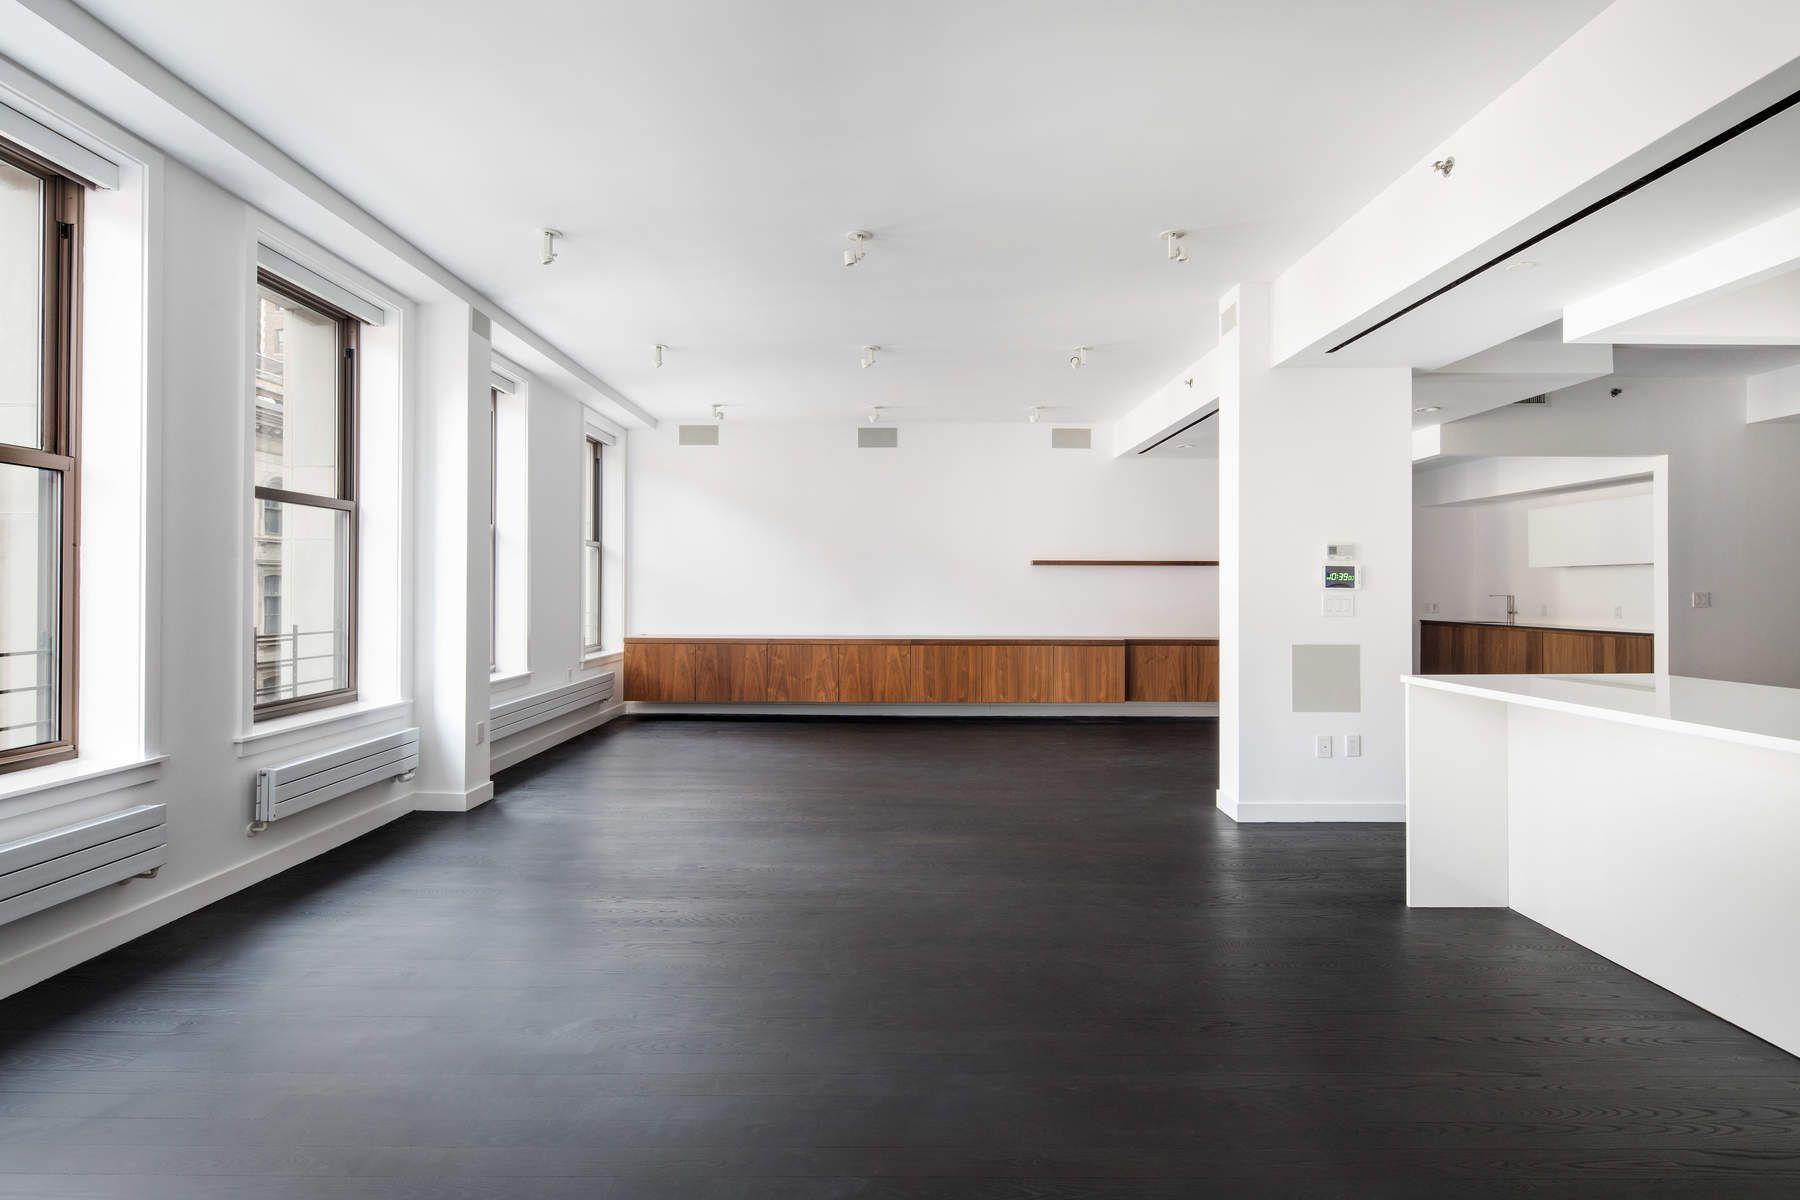 콘도미니엄 용 매매 에 3 Bedroom Plus Home Office Tribeca Loft 77 Reade Street Apt 5AC, Tribeca, New York, 뉴욕, 10007 미국